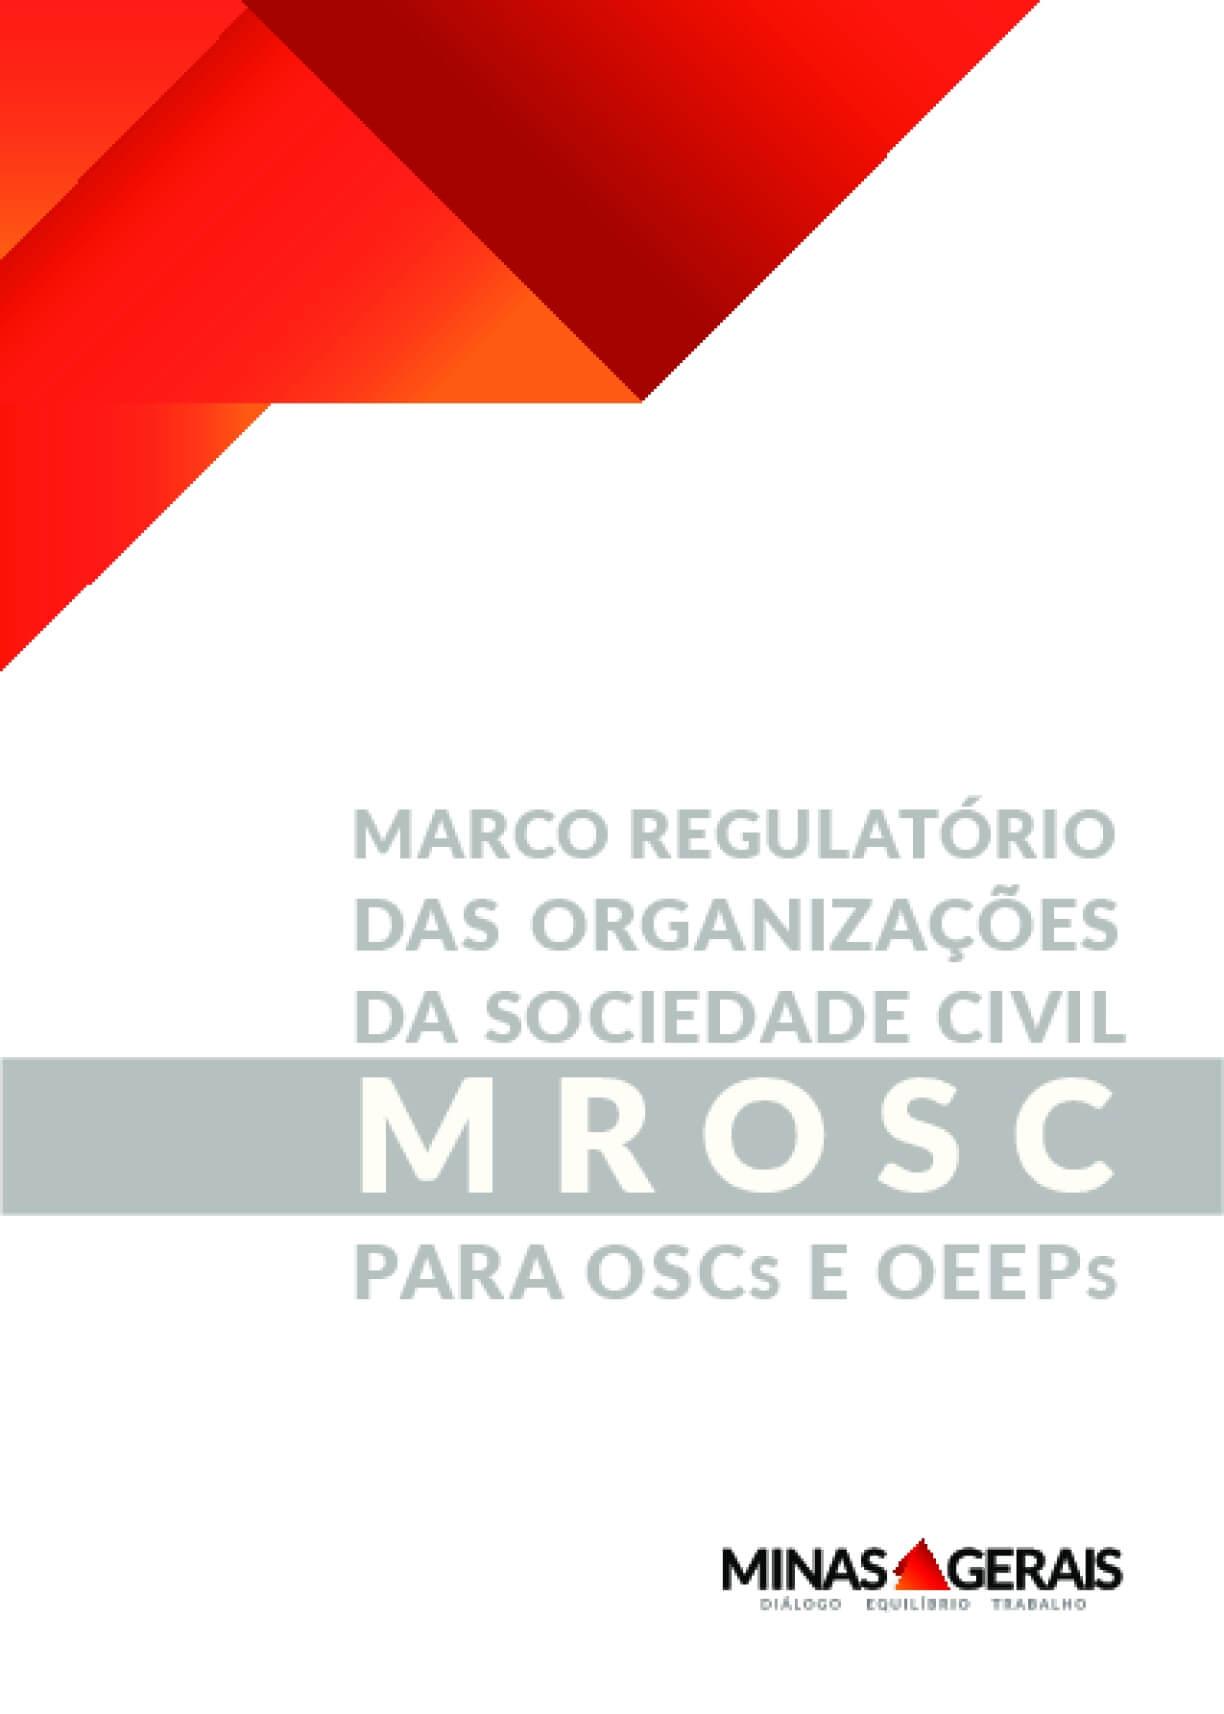 Marco Regulatório Das Organizações Da Sociedade Civil: MROSC Para OSCs E OEEPs